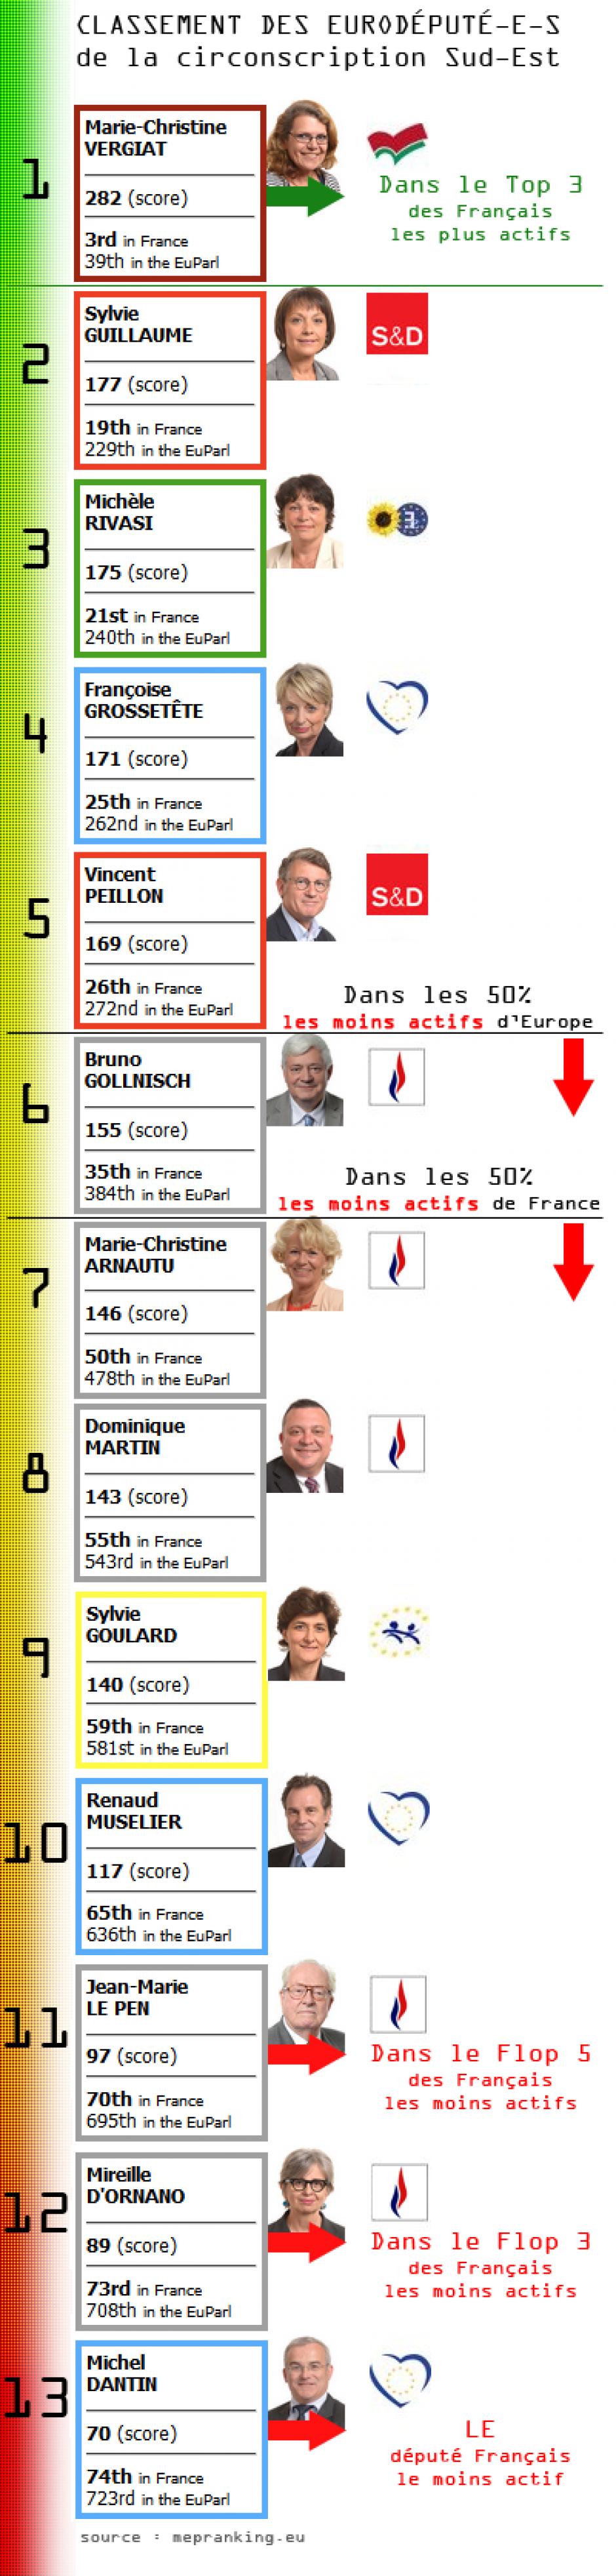 Le classement des eurodéputé-e-s de la circonscription